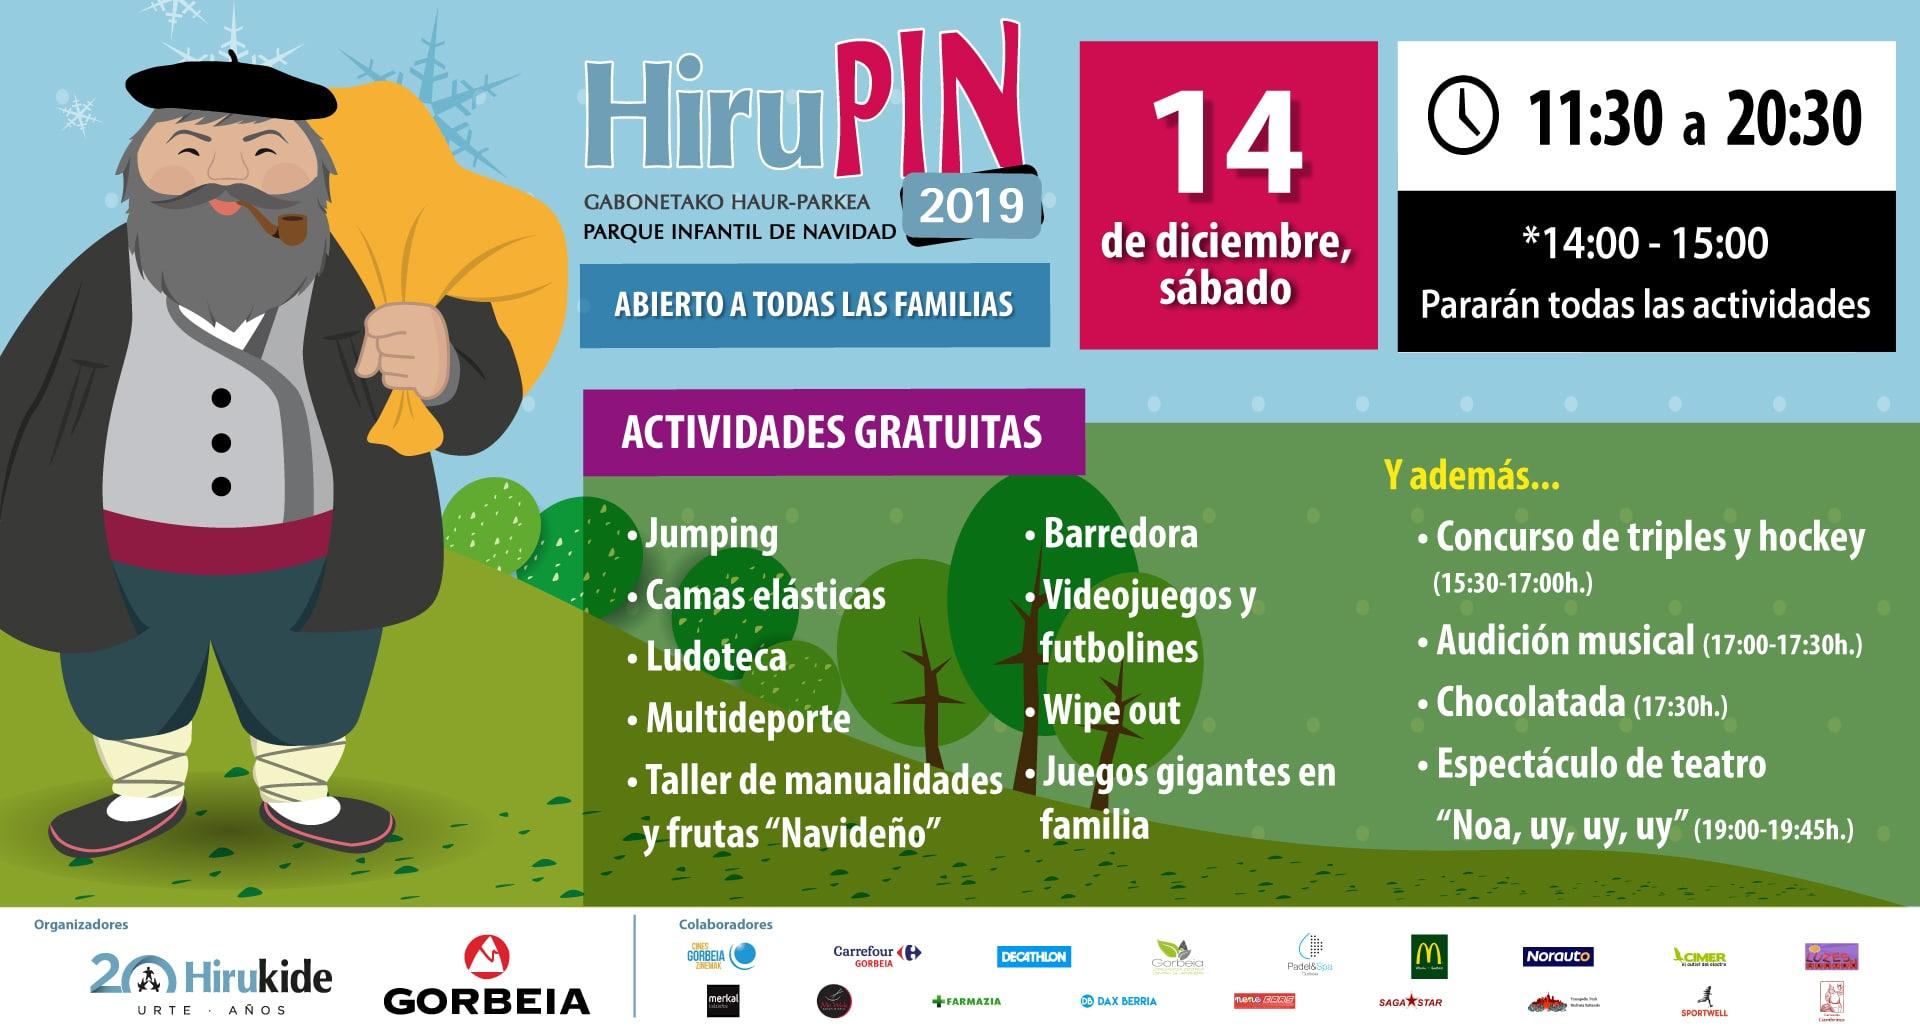 ¡Ven al Parque Infantil de Navidad Hirupin 2019!